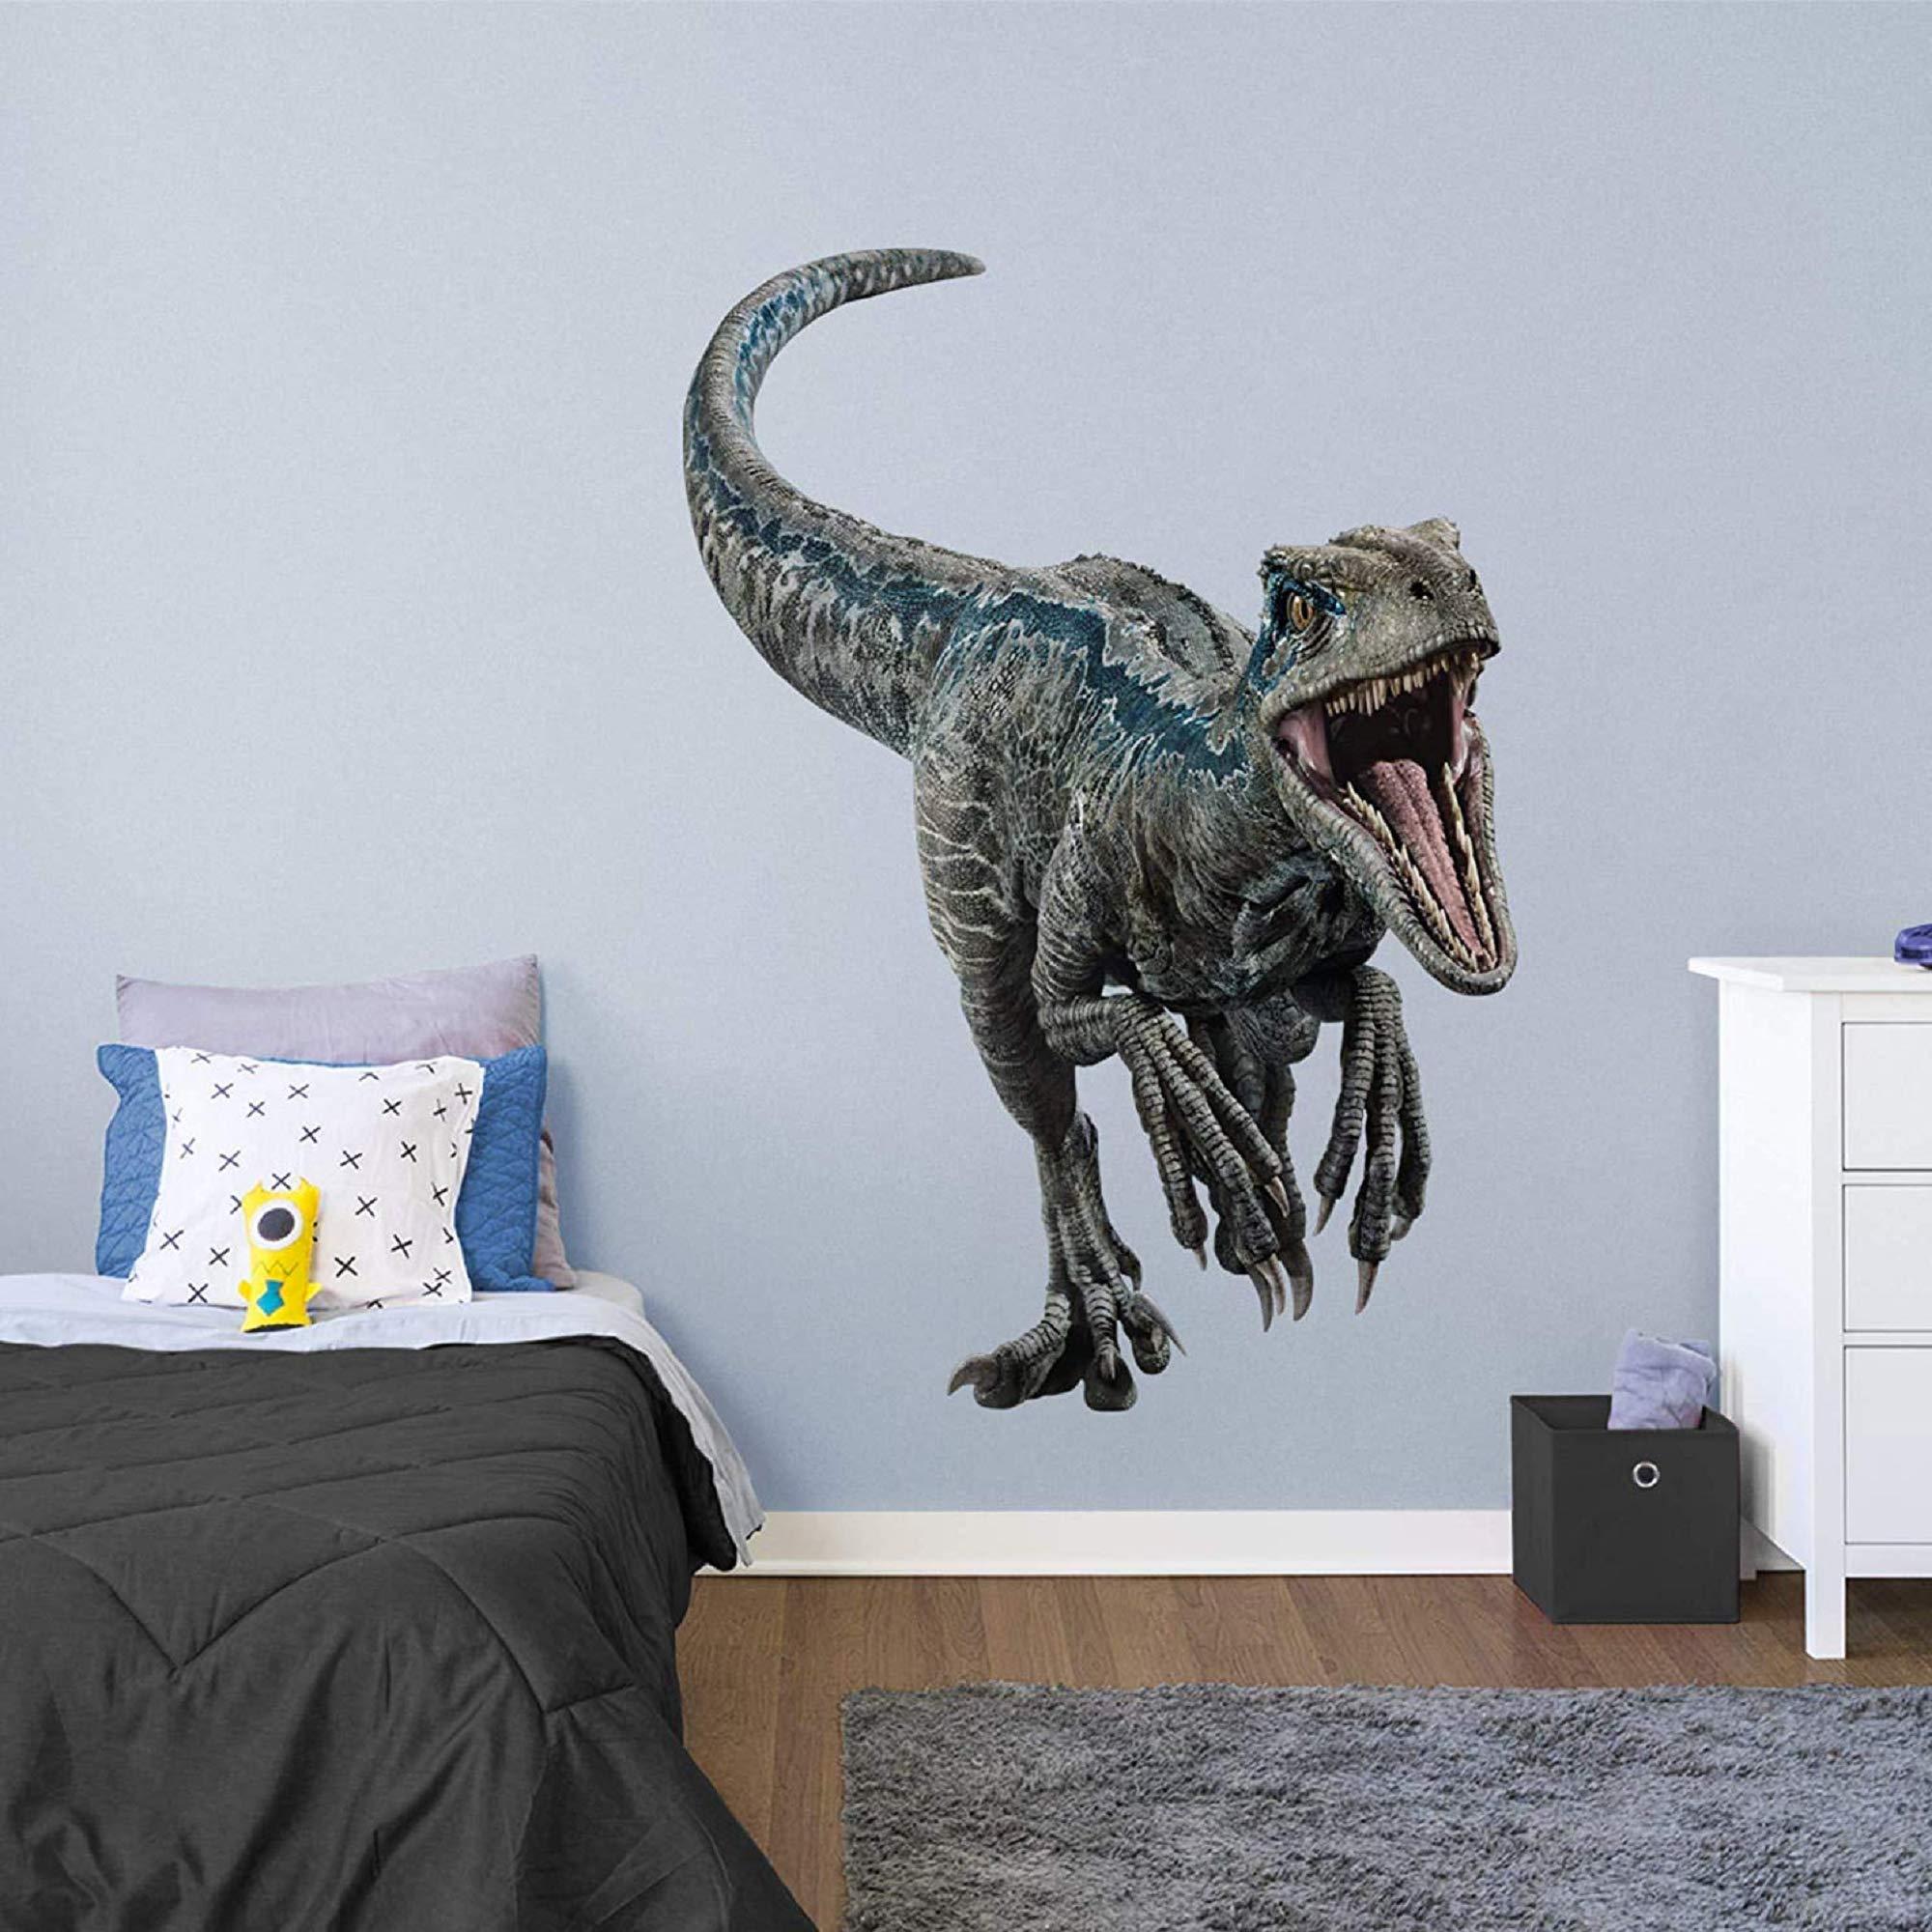 Vinilo Decorativo Pared [7jkwyl8w] Dinosaurios 127cm X 185cm